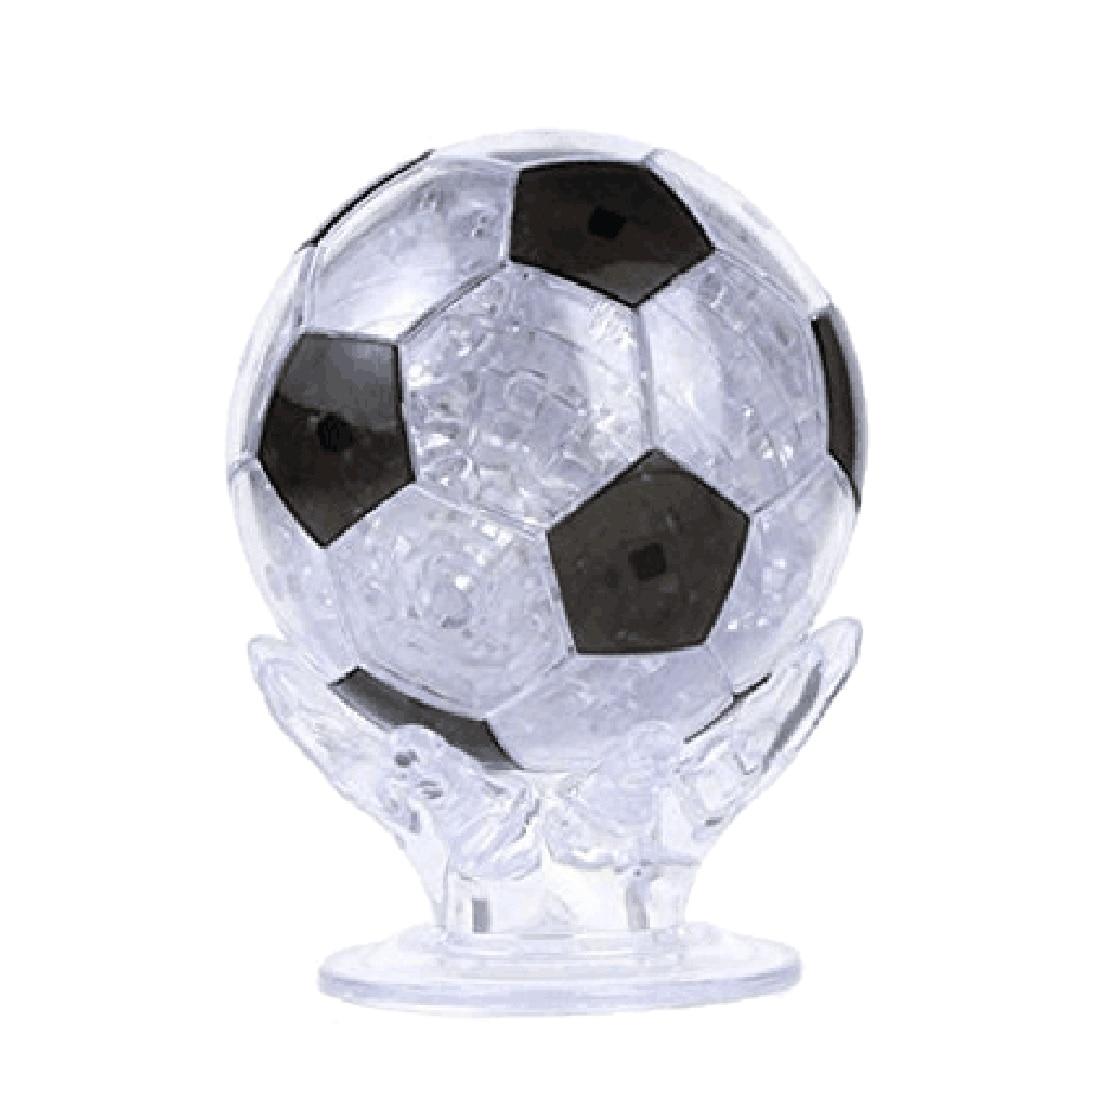 77 шт 3D пазл футбольный Пазл Сделай Сам сборка Футбол Кристалл Модель игрушка Кристалл Головоломка украшение обучающая игрушка-черный синий